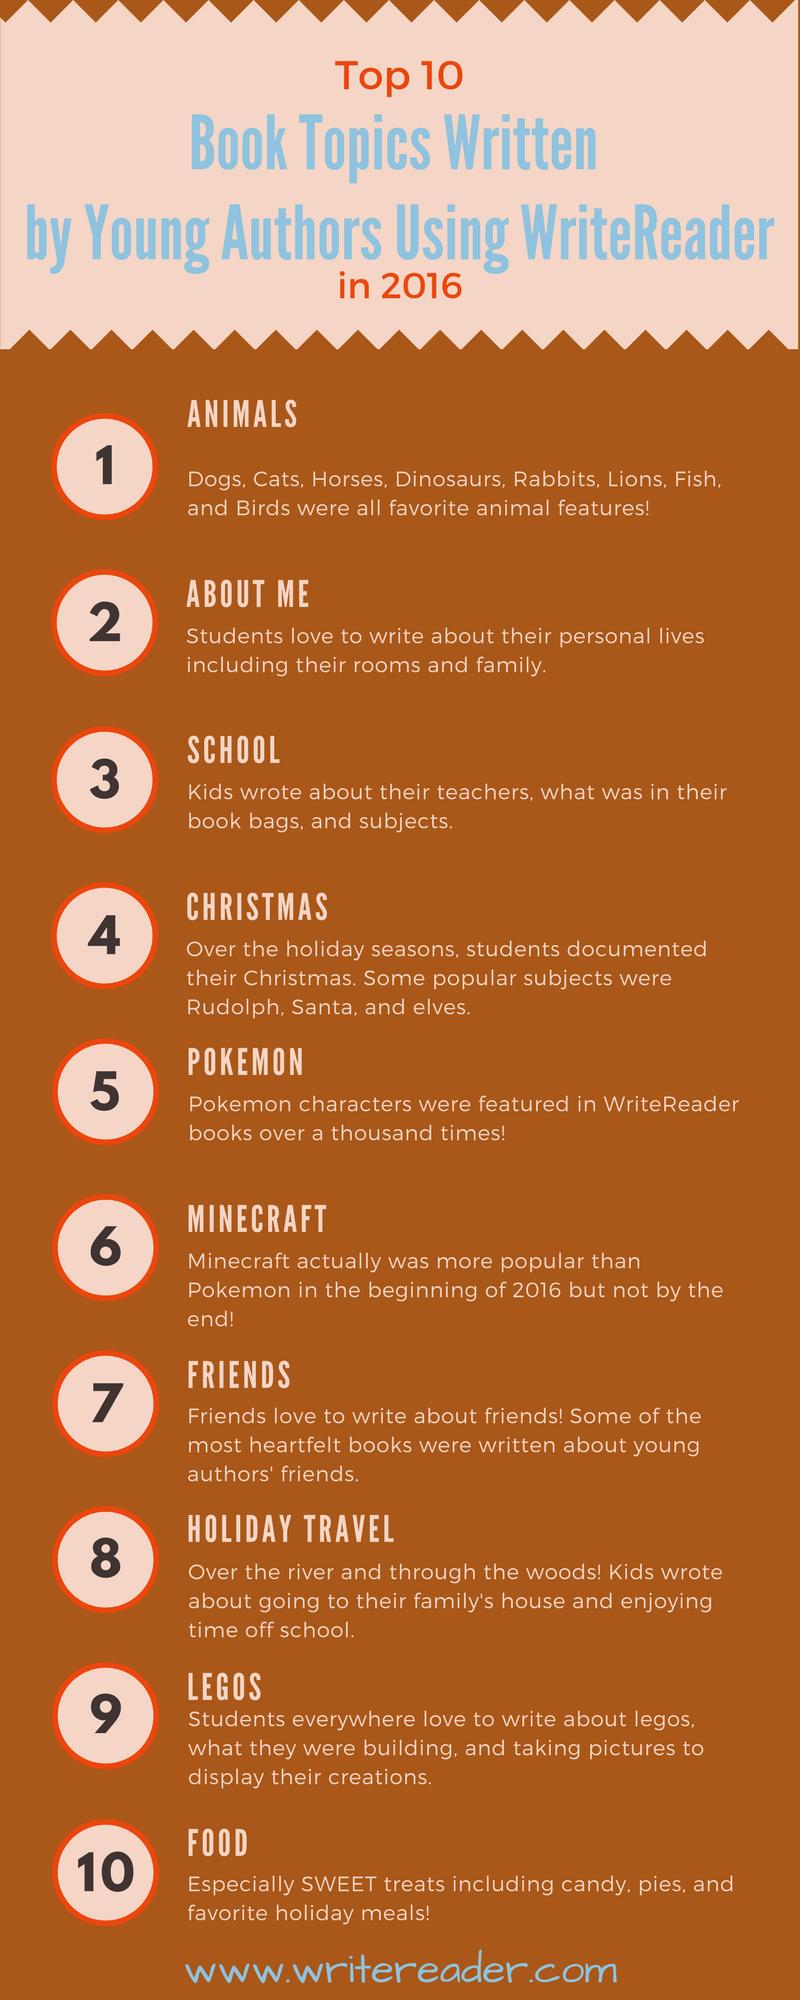 Top 10 topics